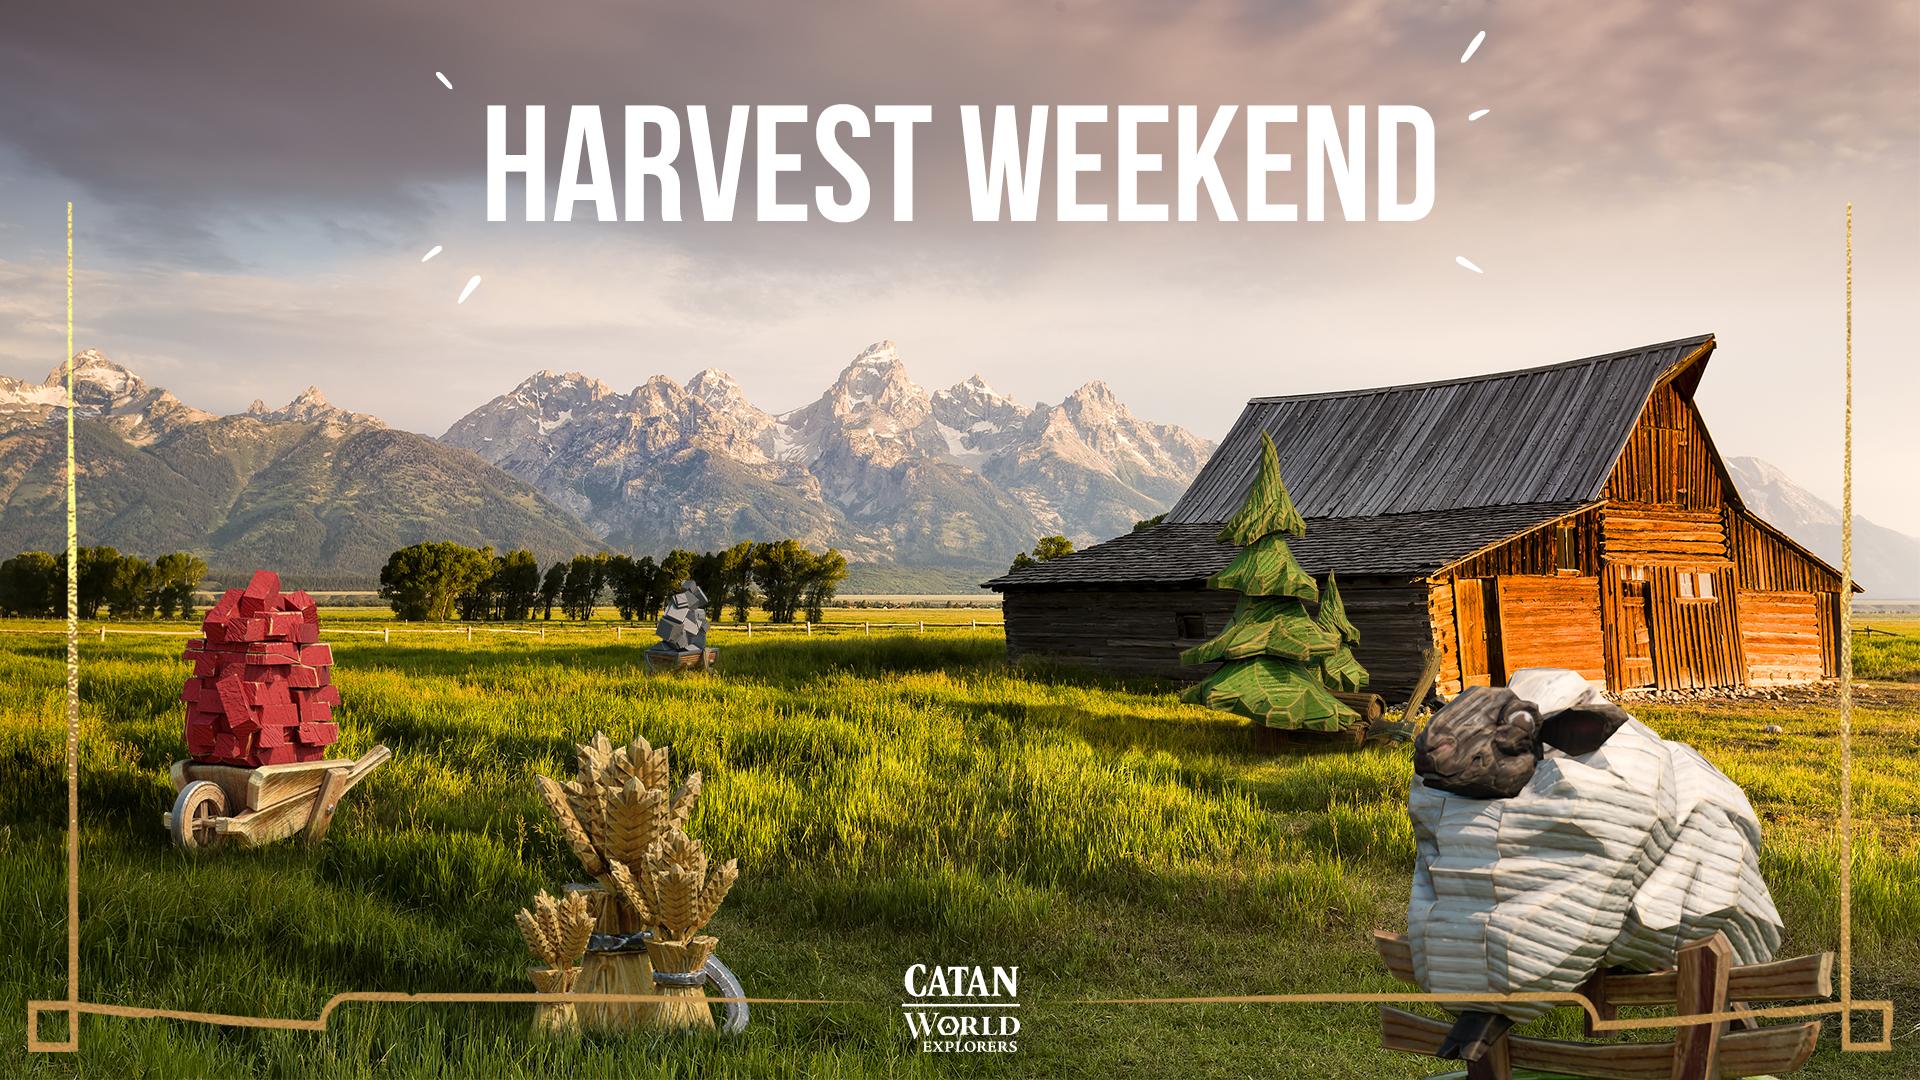 Catan_Forum_Harvest Weekend_1920x1080_01a.jpg